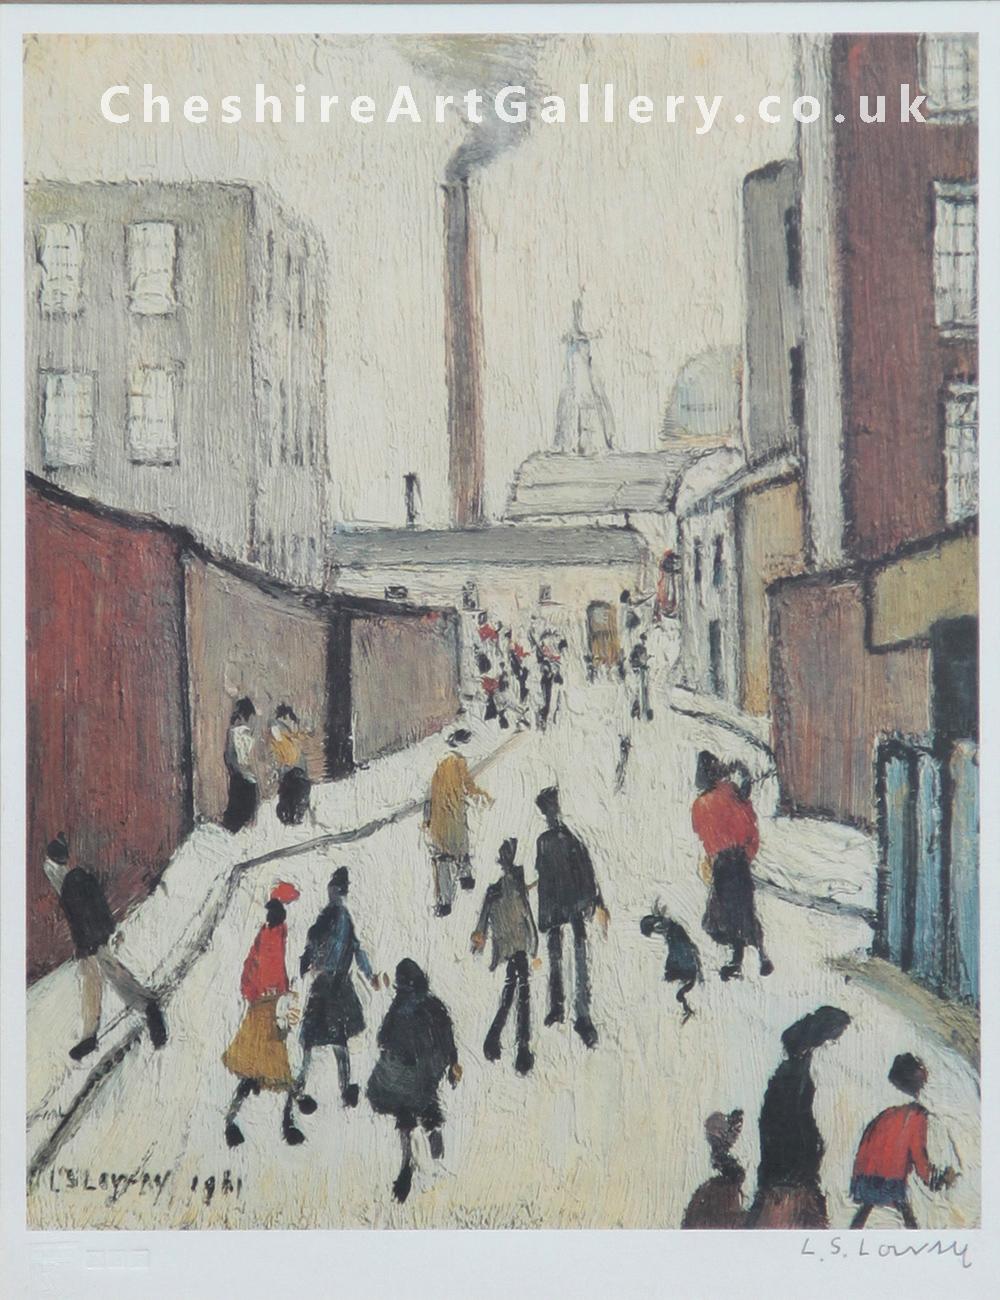 lowry-street-scene